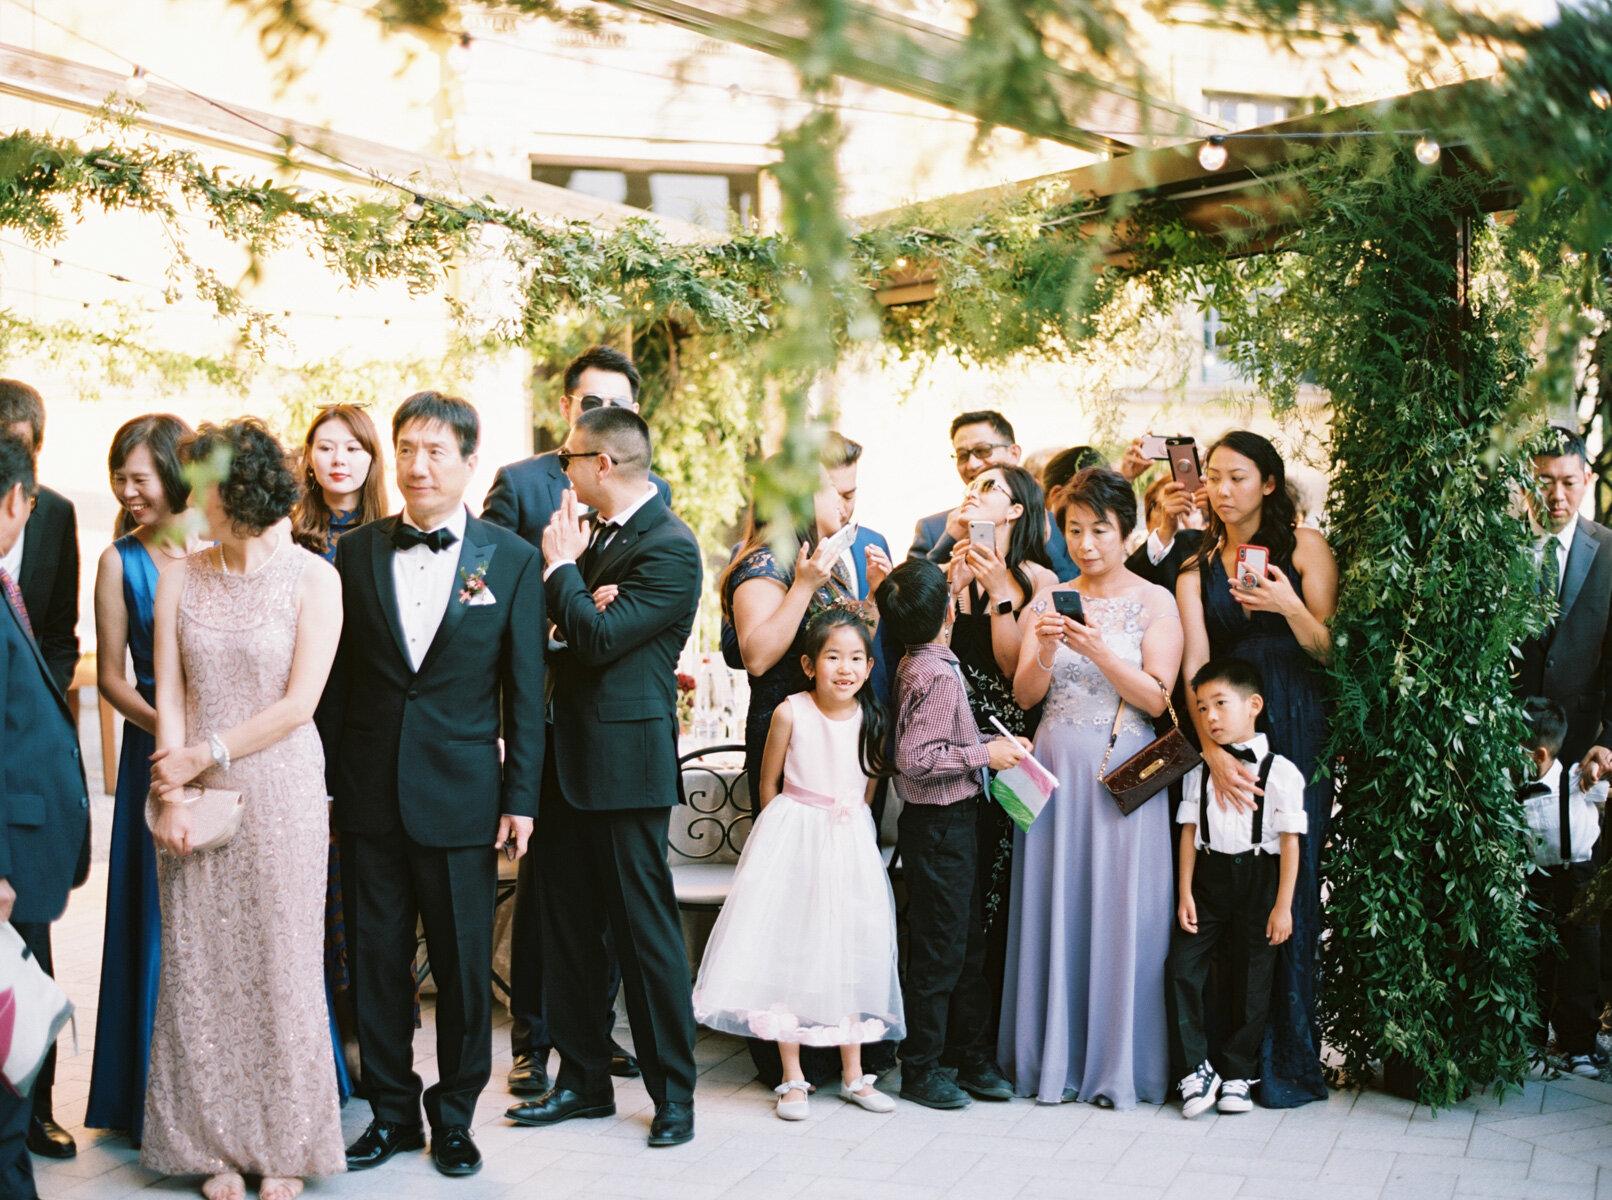 Lake-Como-Villa-Cipressi-Wedding-Katie-Grant-destination-wedding (78 of 93).jpg